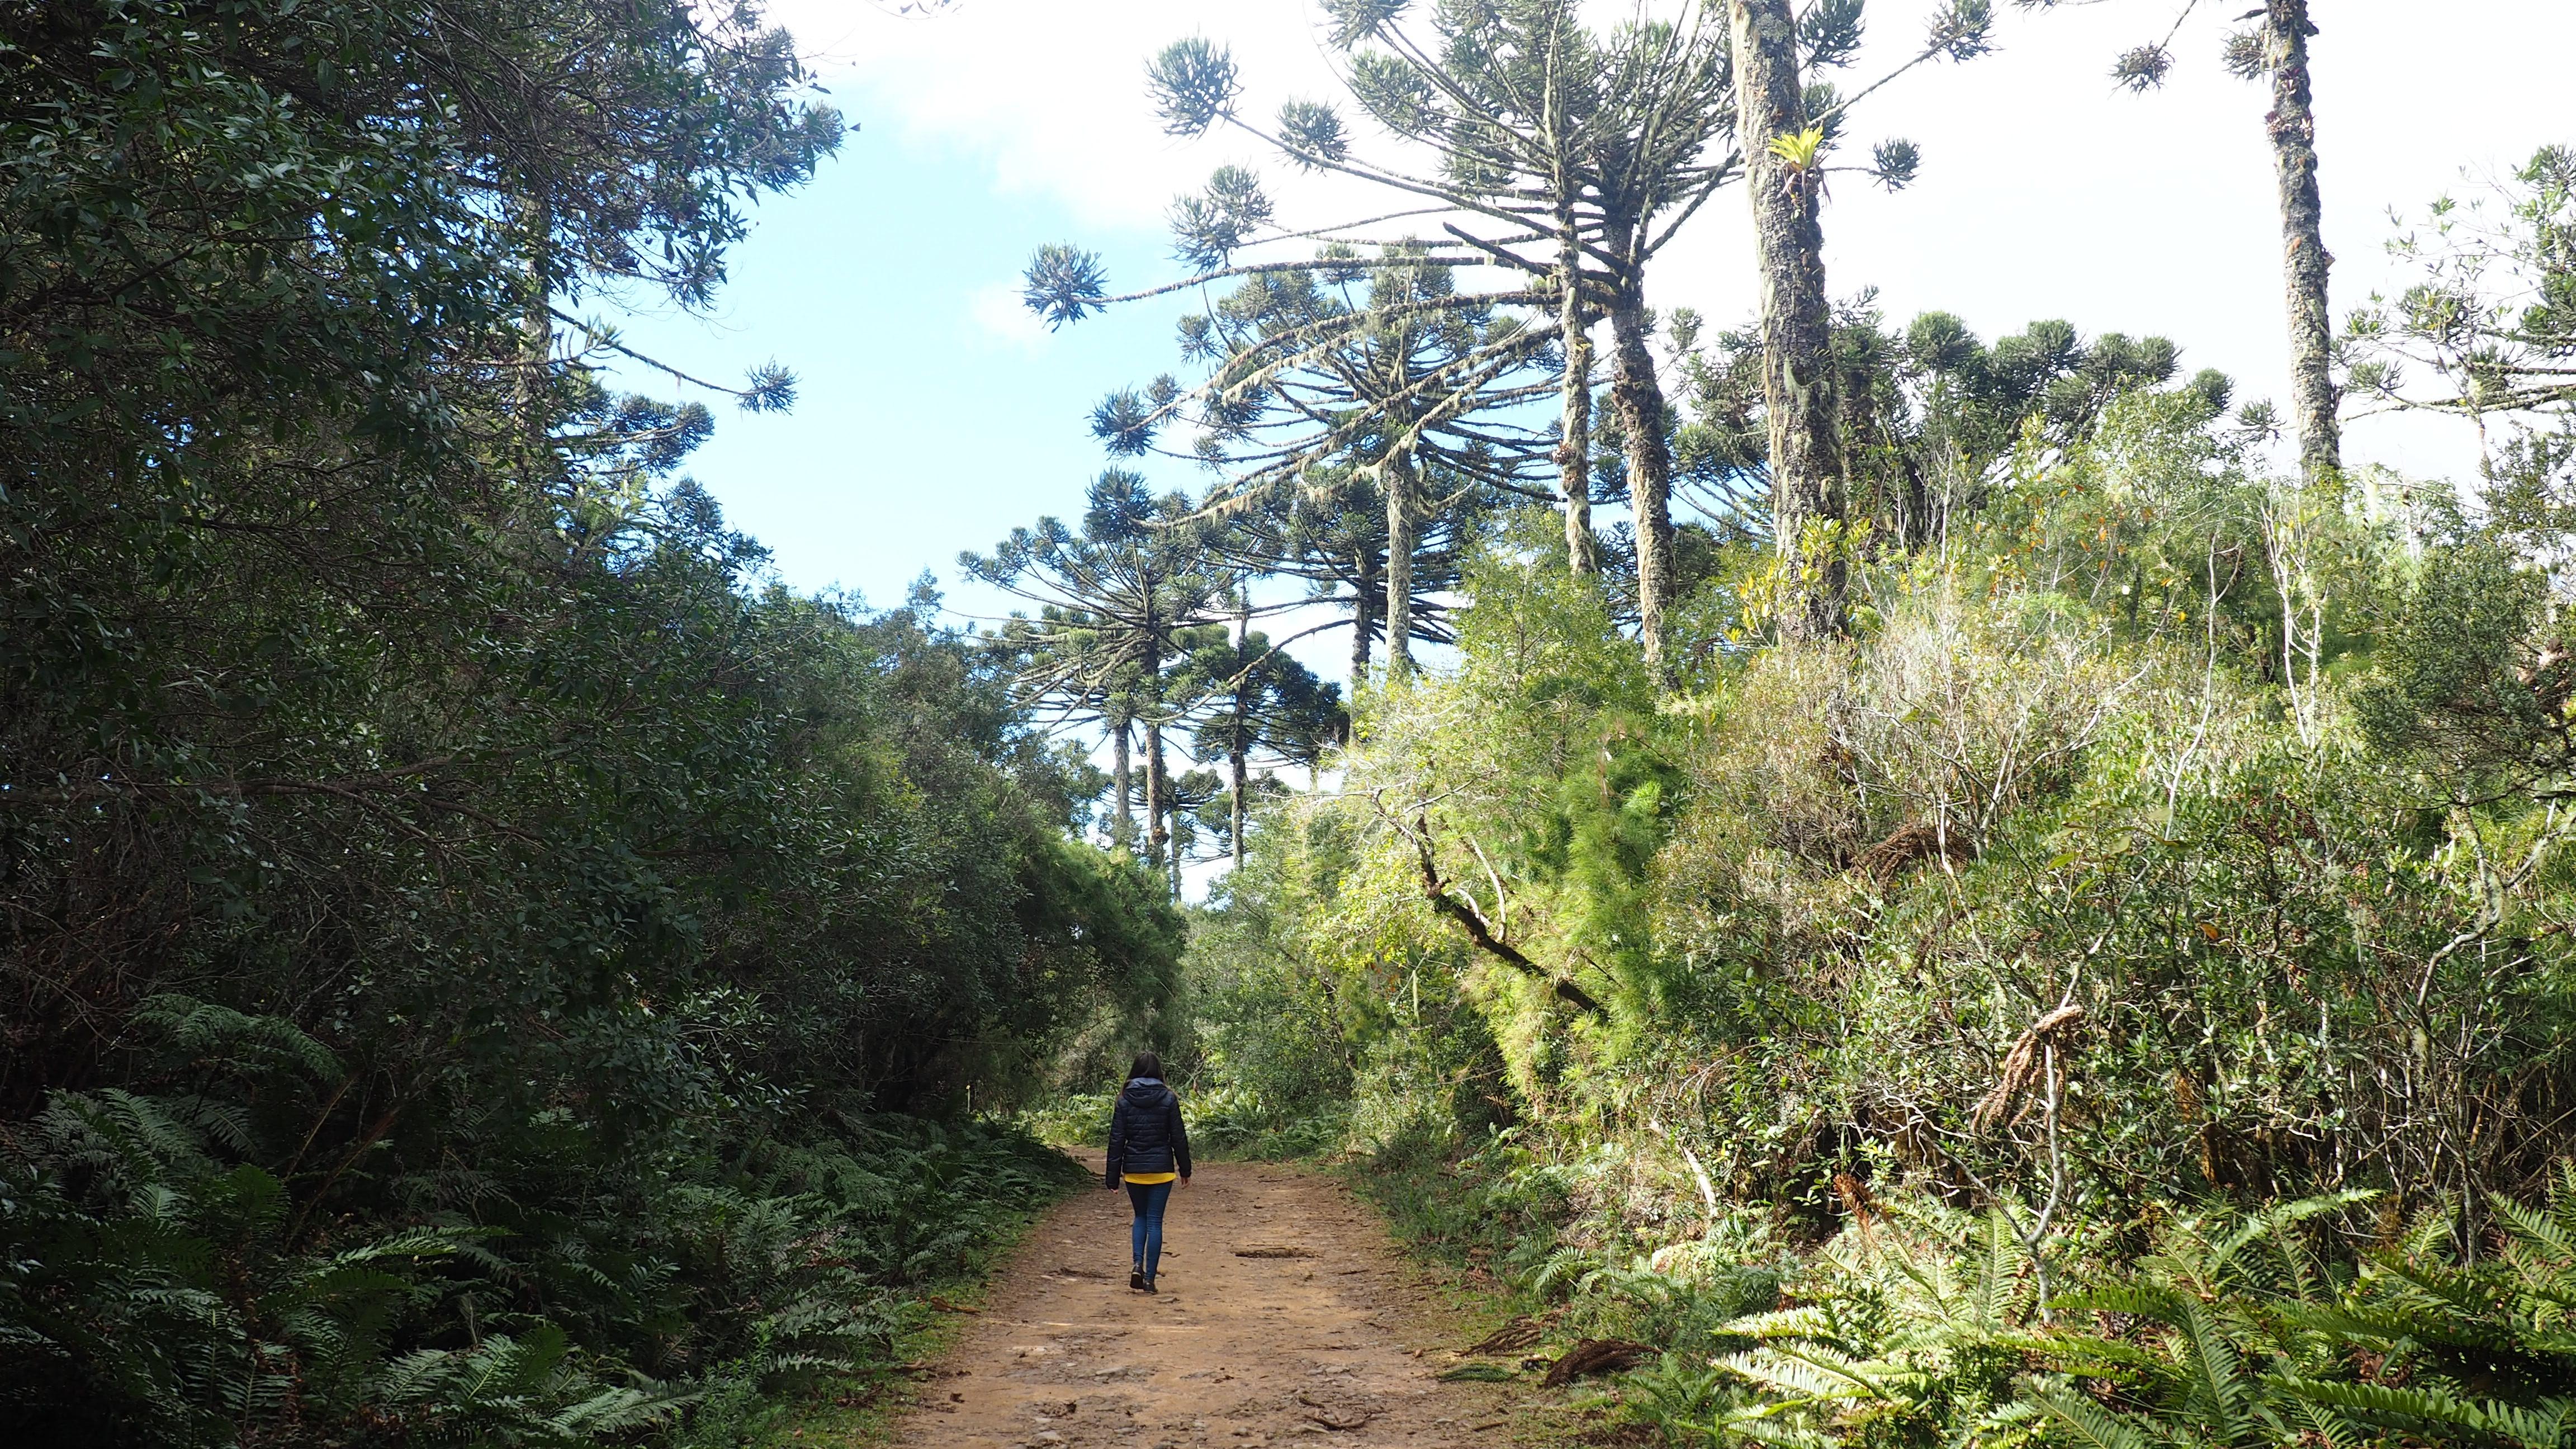 Miren paseando por el bosque de araucaria, cómo llegar al cañón de Itaimbezinho